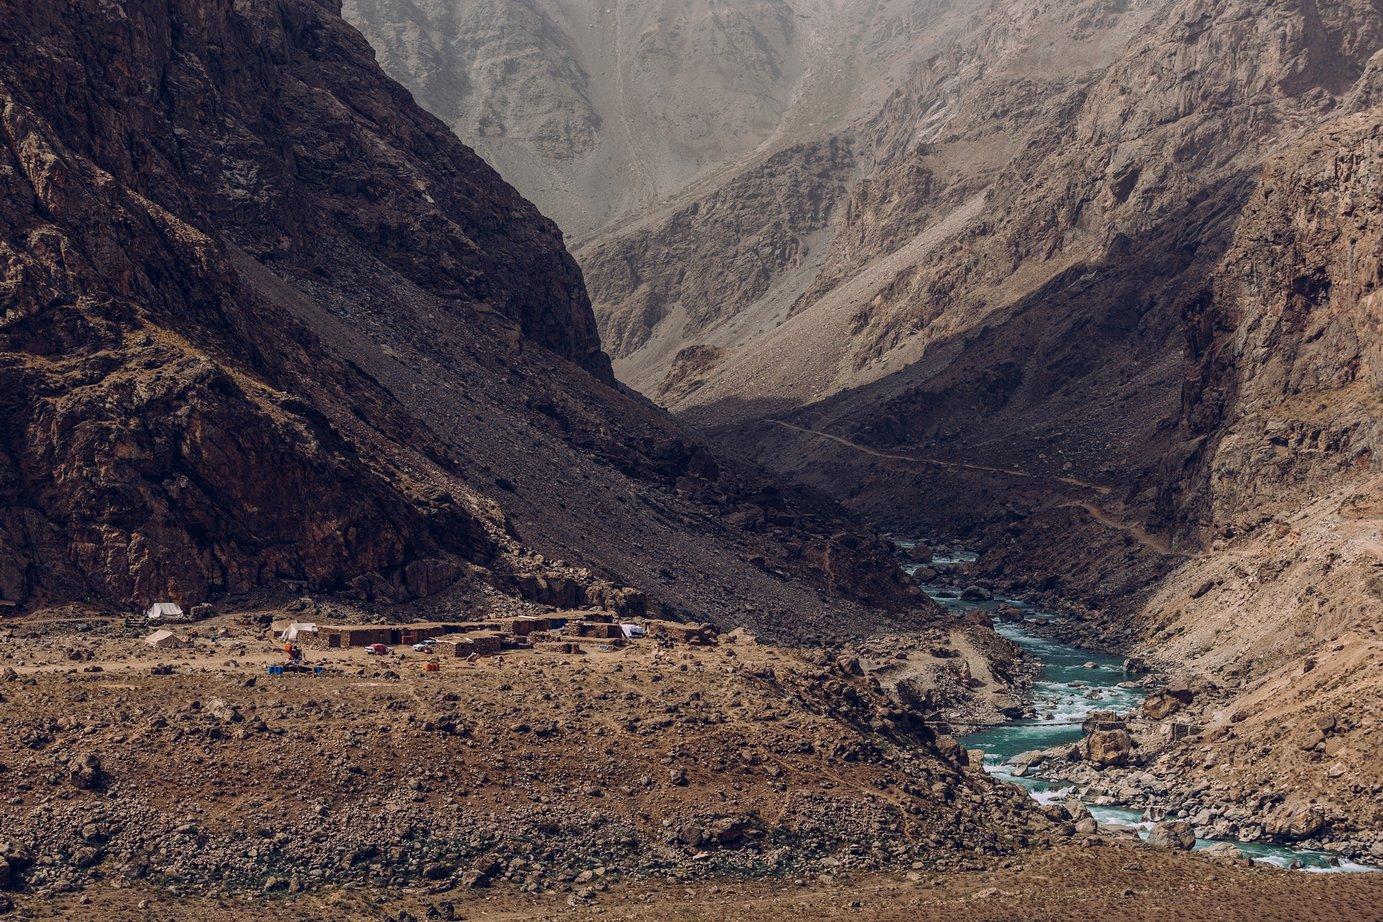 A drogi wAfganistanie są jeszcze gorsze niż wTadżykistanie. Tę przecina wąski mostek, poktórym ciężarówki nie mają szans przejechać. Jak jadą dalej? Nie wiemy